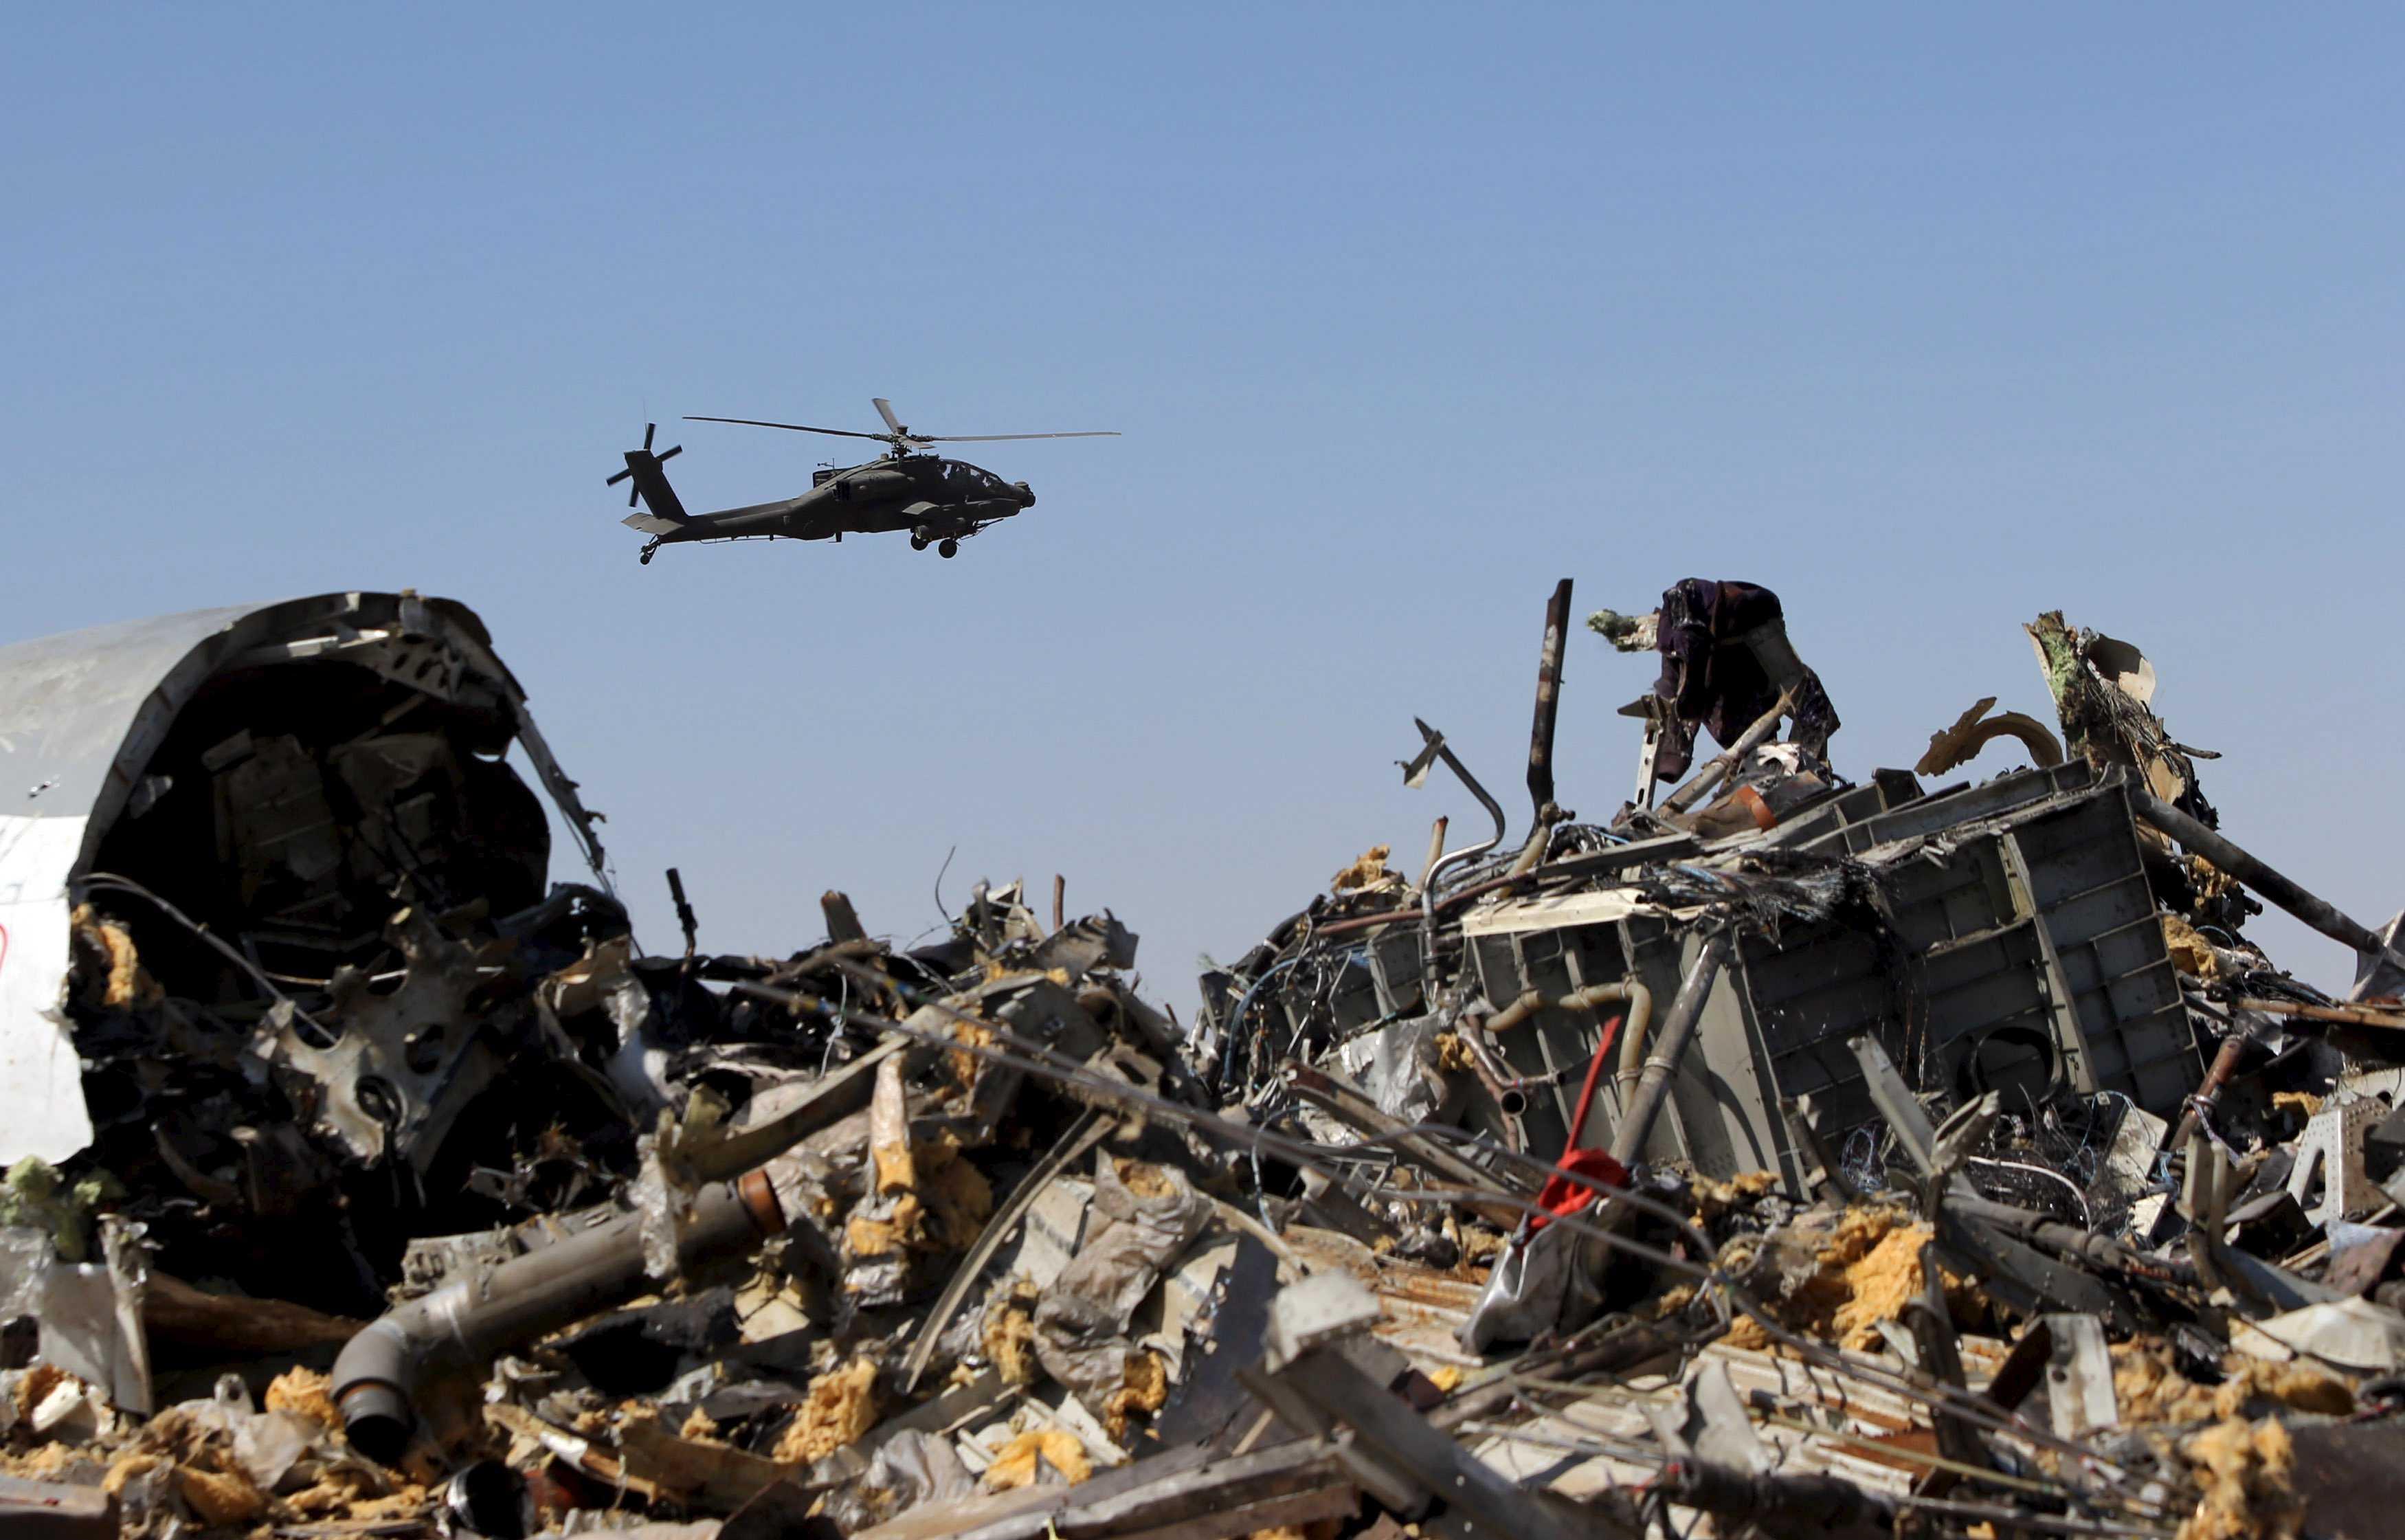 Фото с обломками самолета упавшего в египте